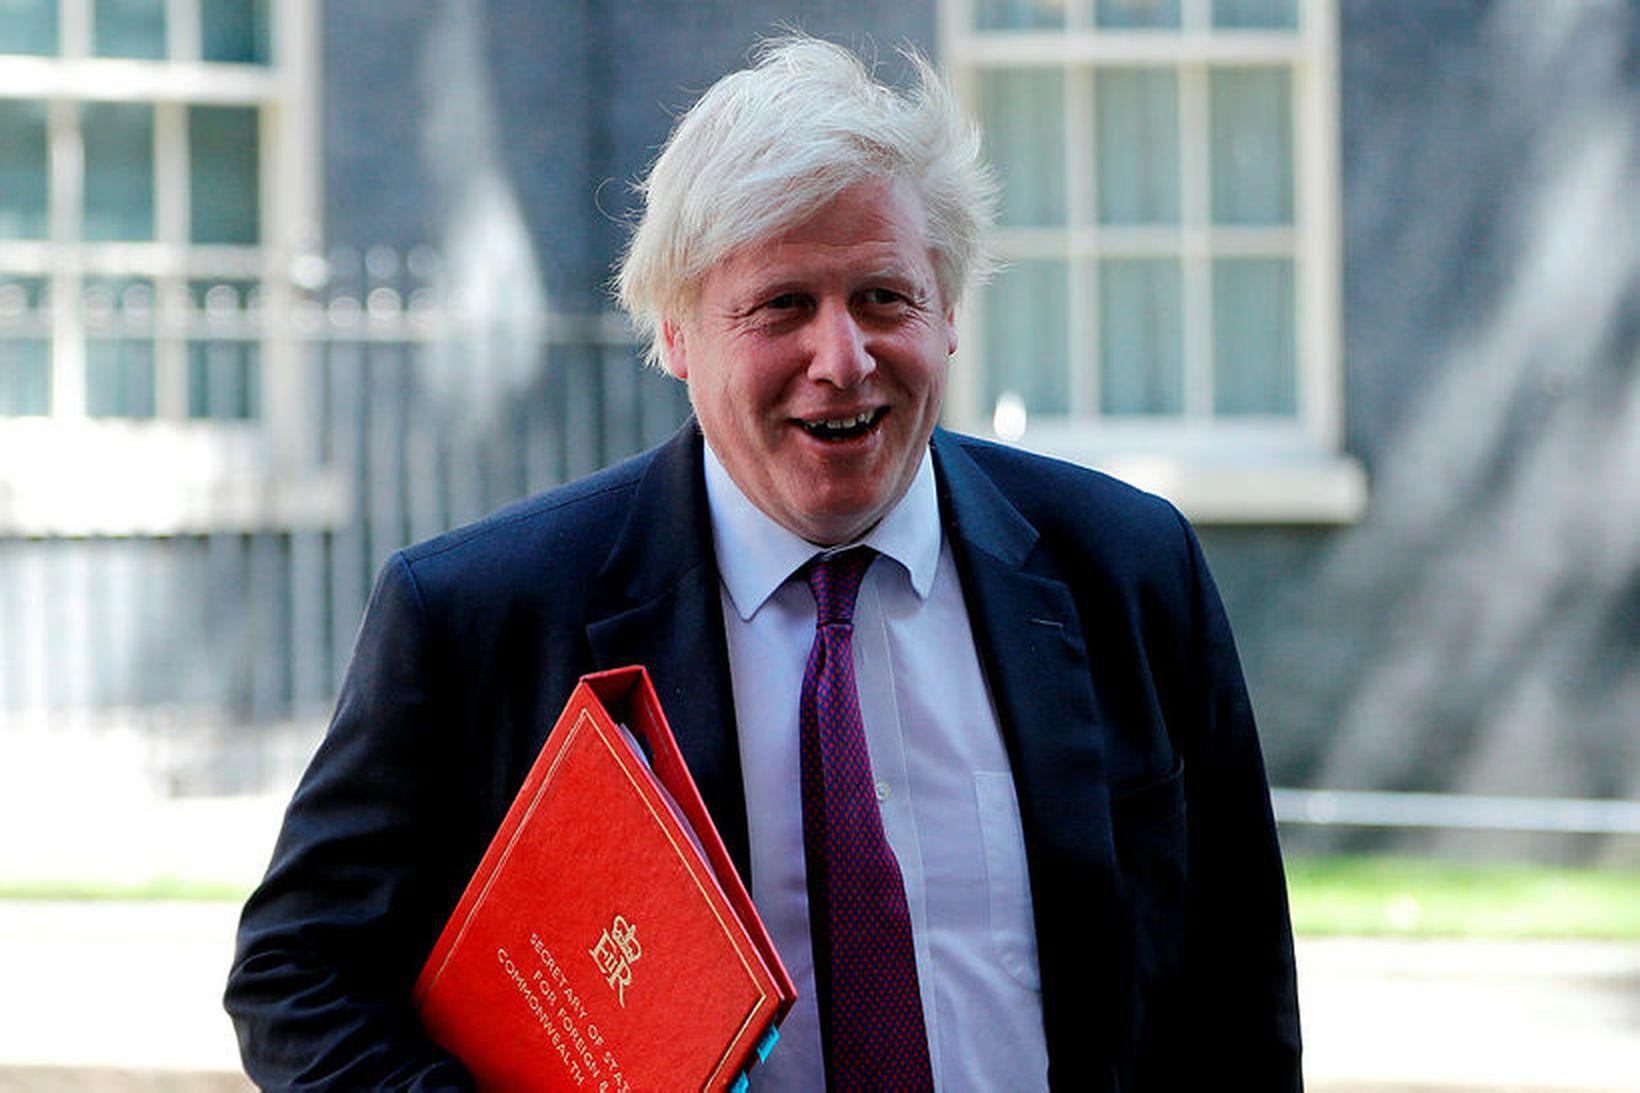 Verður Boris Johnson næsti leiðtogi breska Íhaldsflokksins?